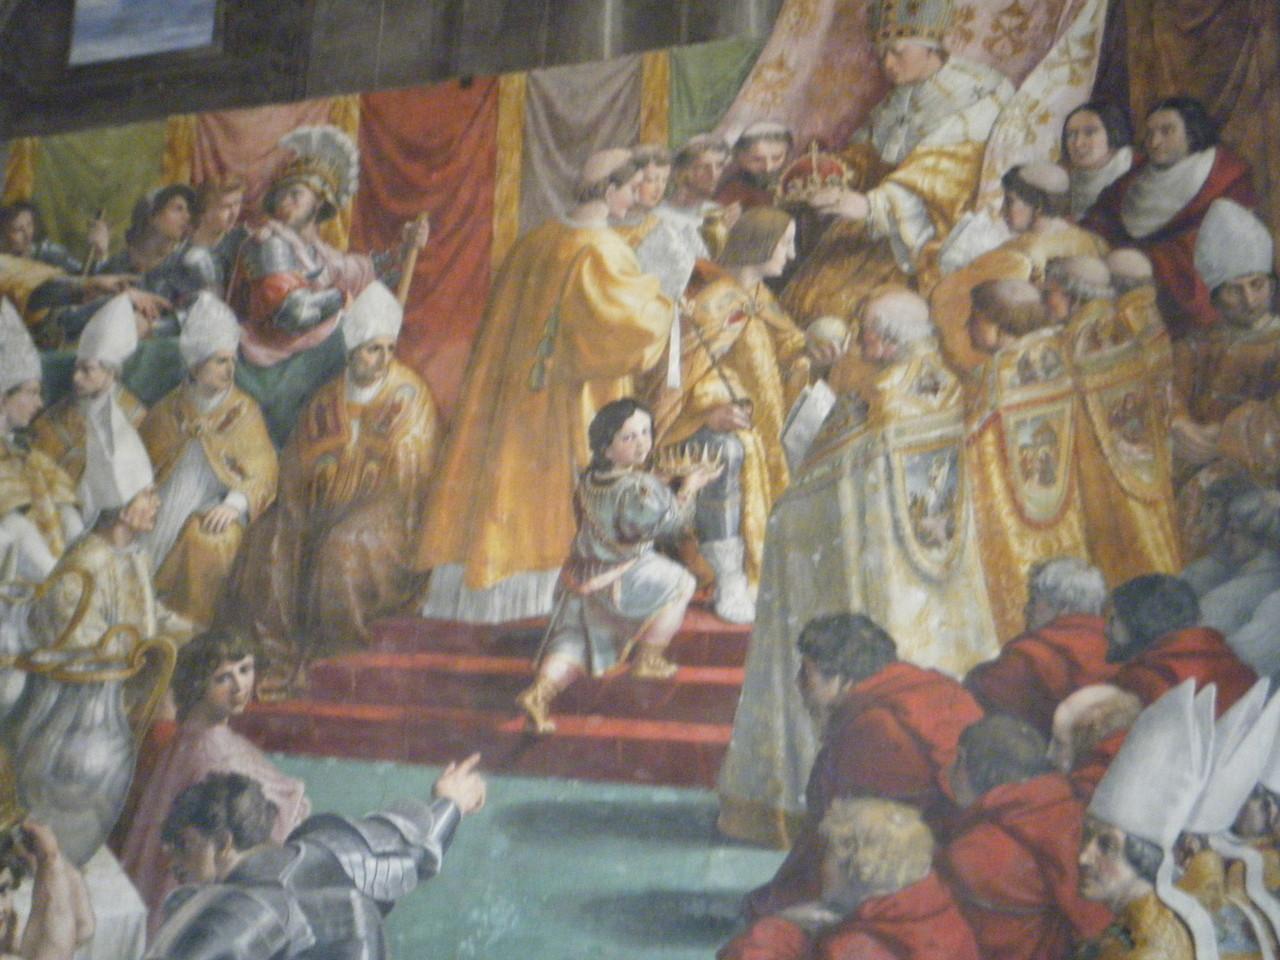 Peinture de Raphaël représentant le couronnement de Charlemagne - Musée du Vatican